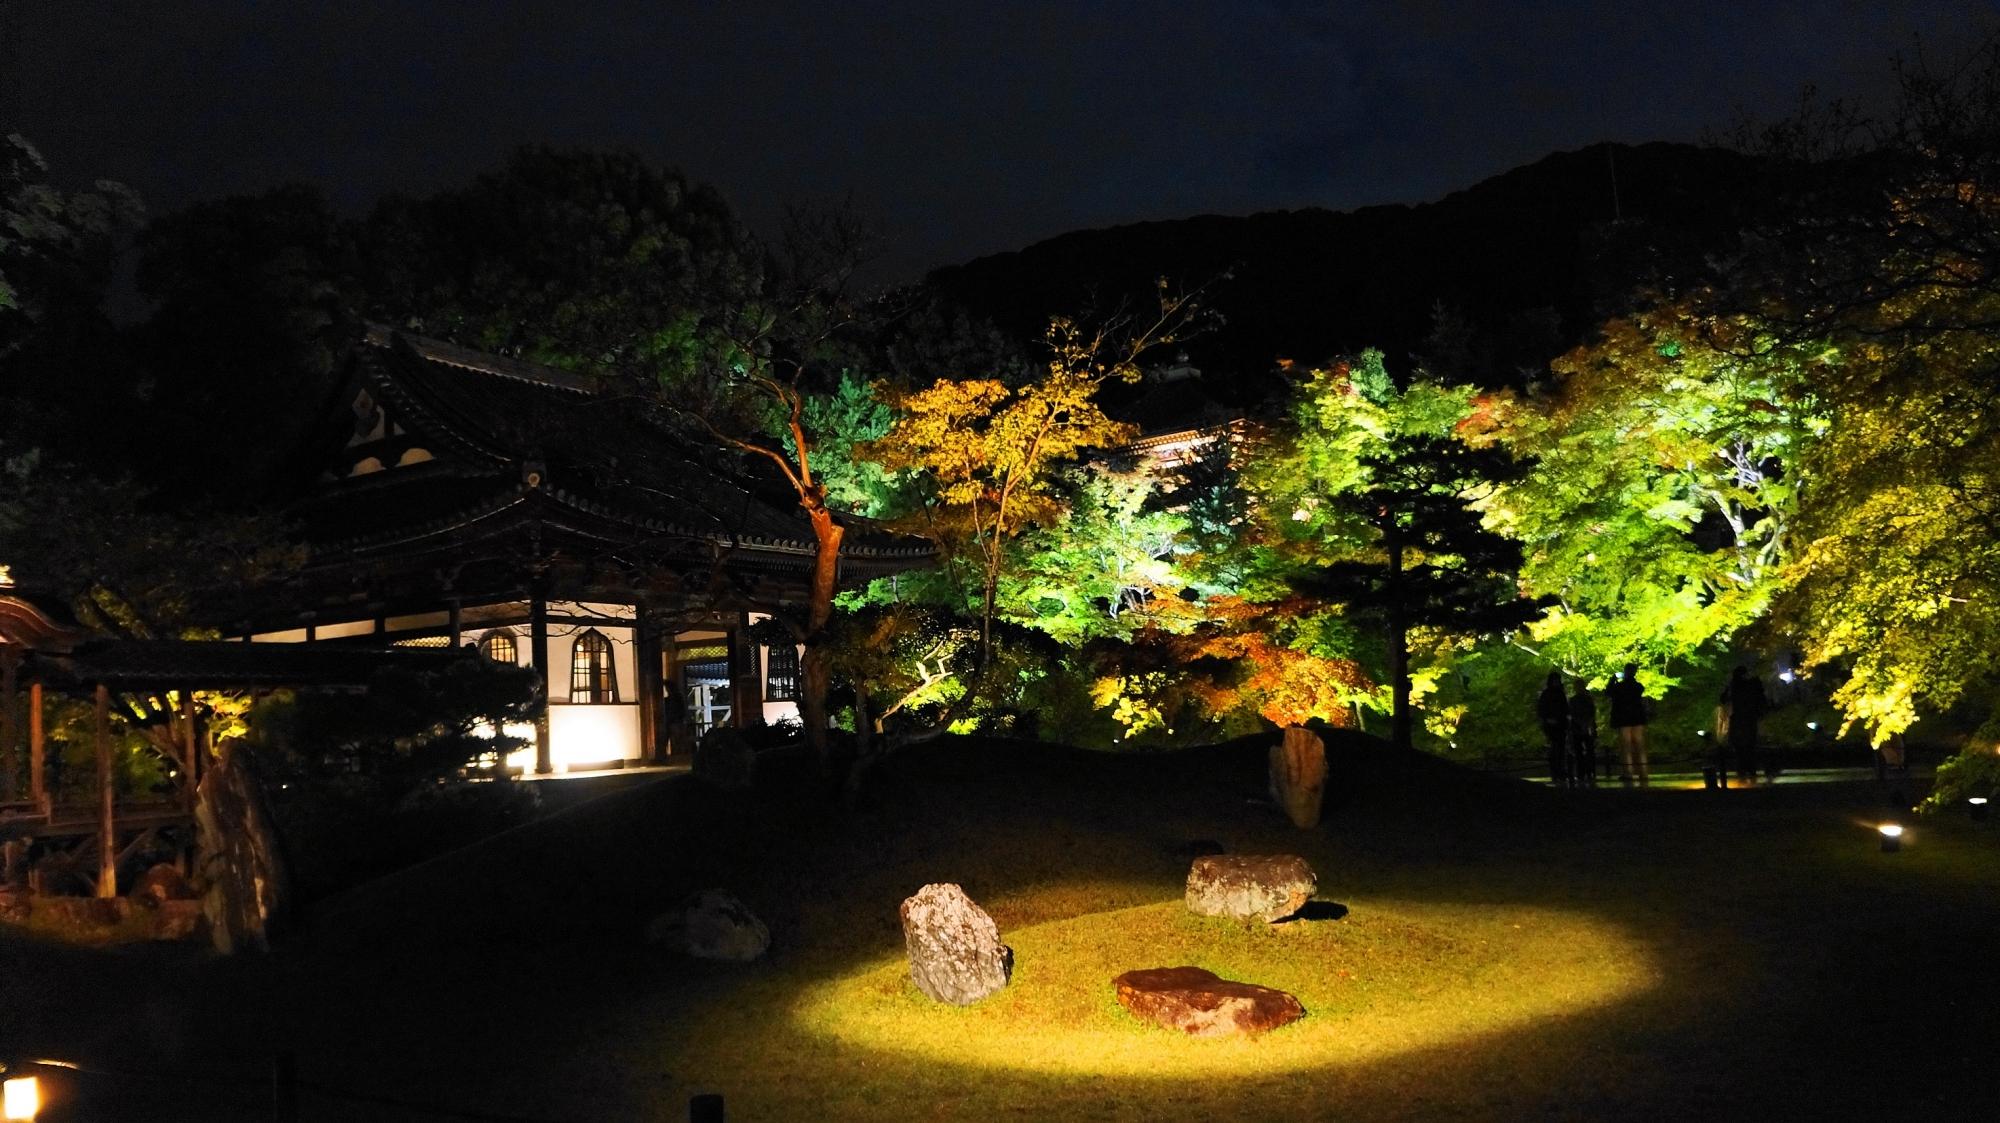 京都高台寺の風情ある観月台のライトアップ